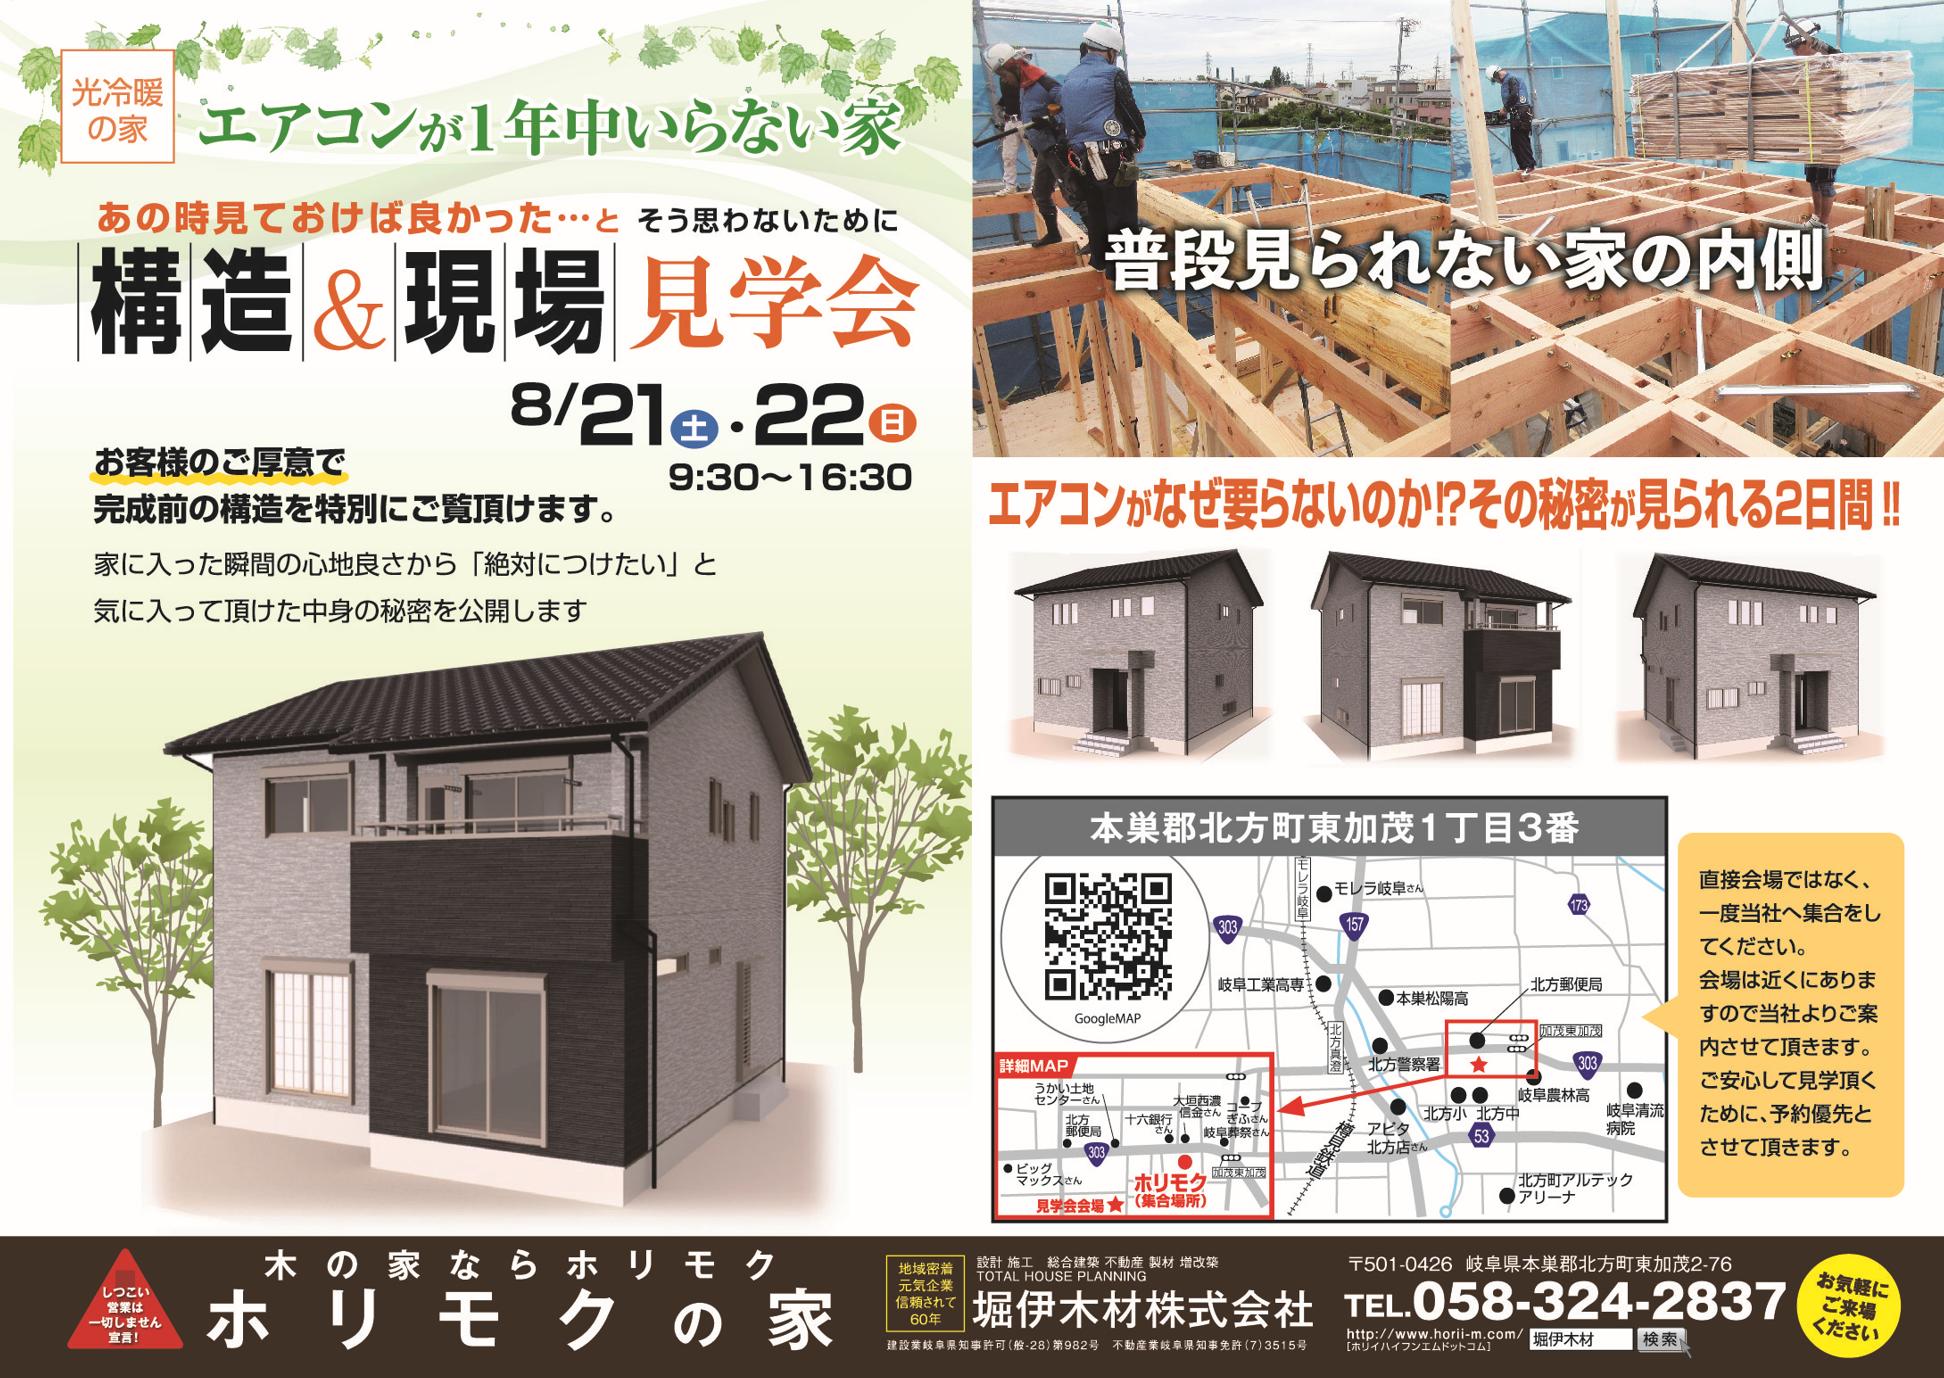 【終了】8月21日(土)・22日(日) 構造&現場見学会